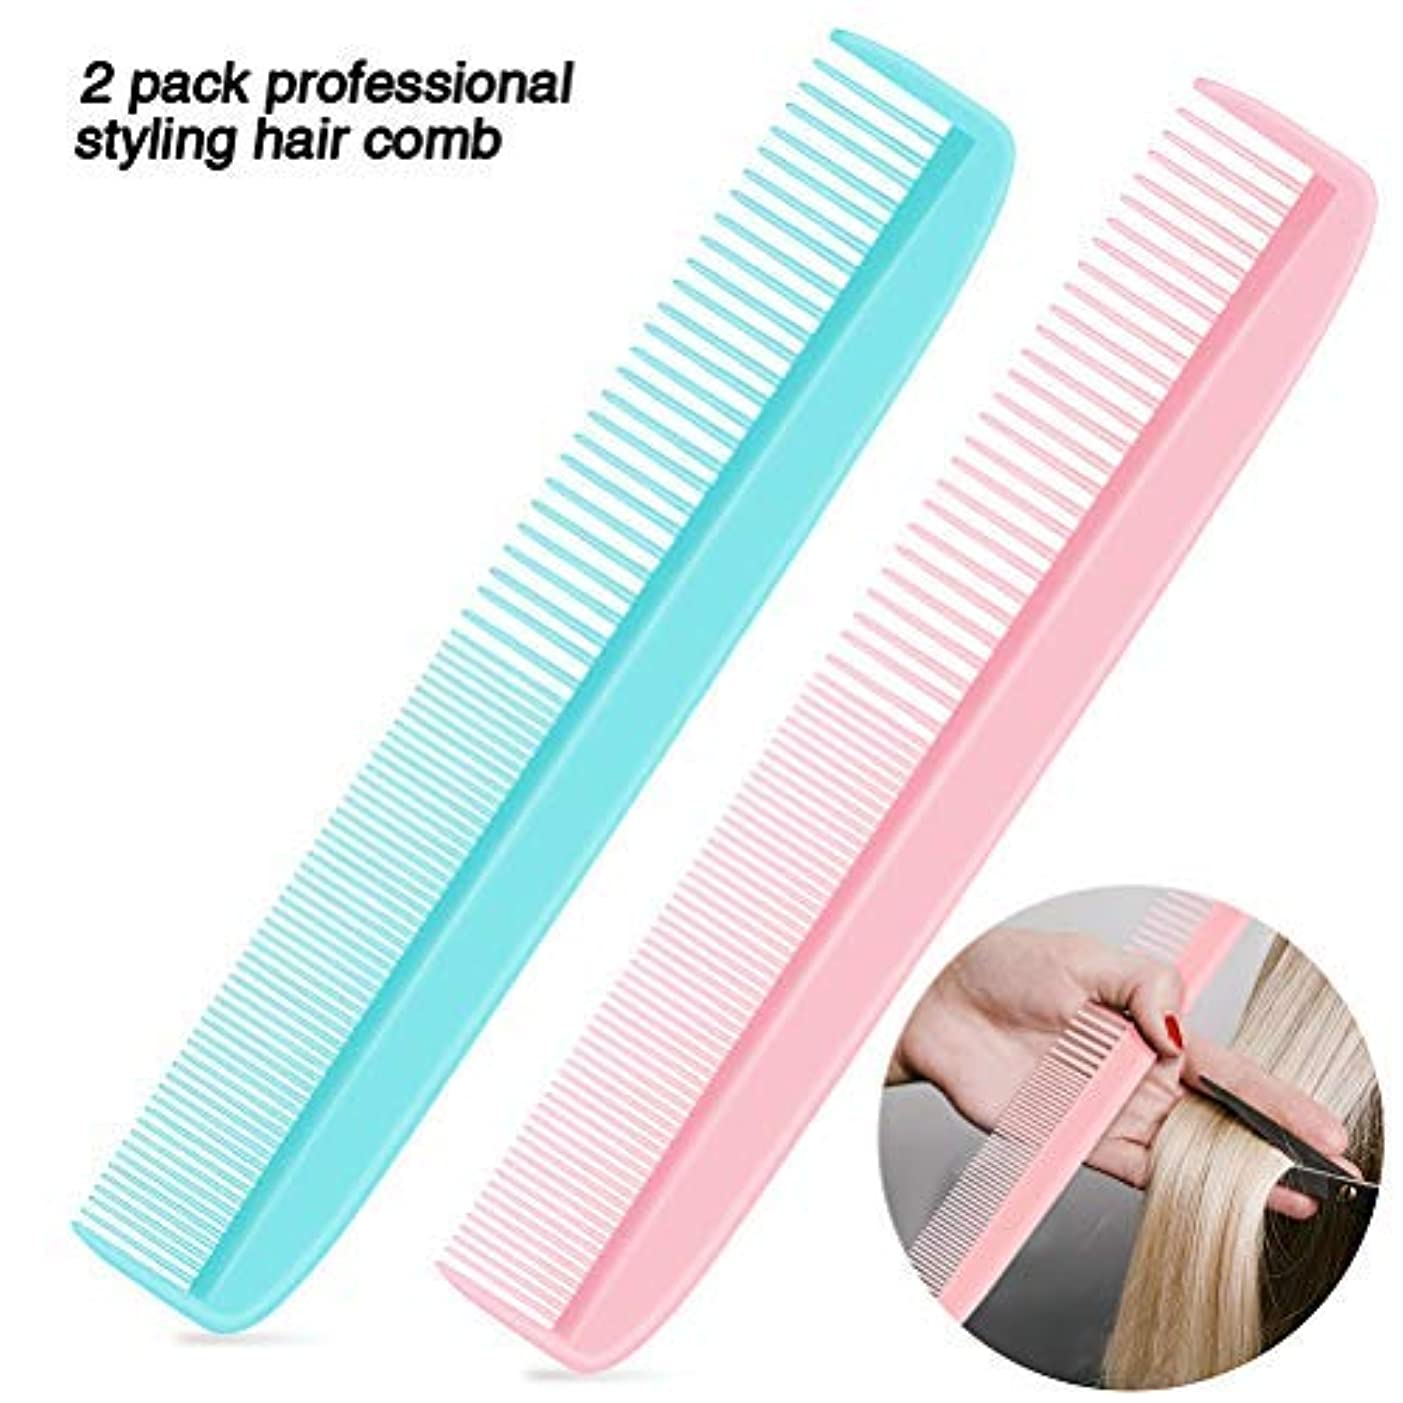 人物最高強度2 Pack Anti-static Professional Styling Comb Hairdresser Barber Comb - 7 Inch Coarse/Fine Tooth Rake Comb [並行輸入品]